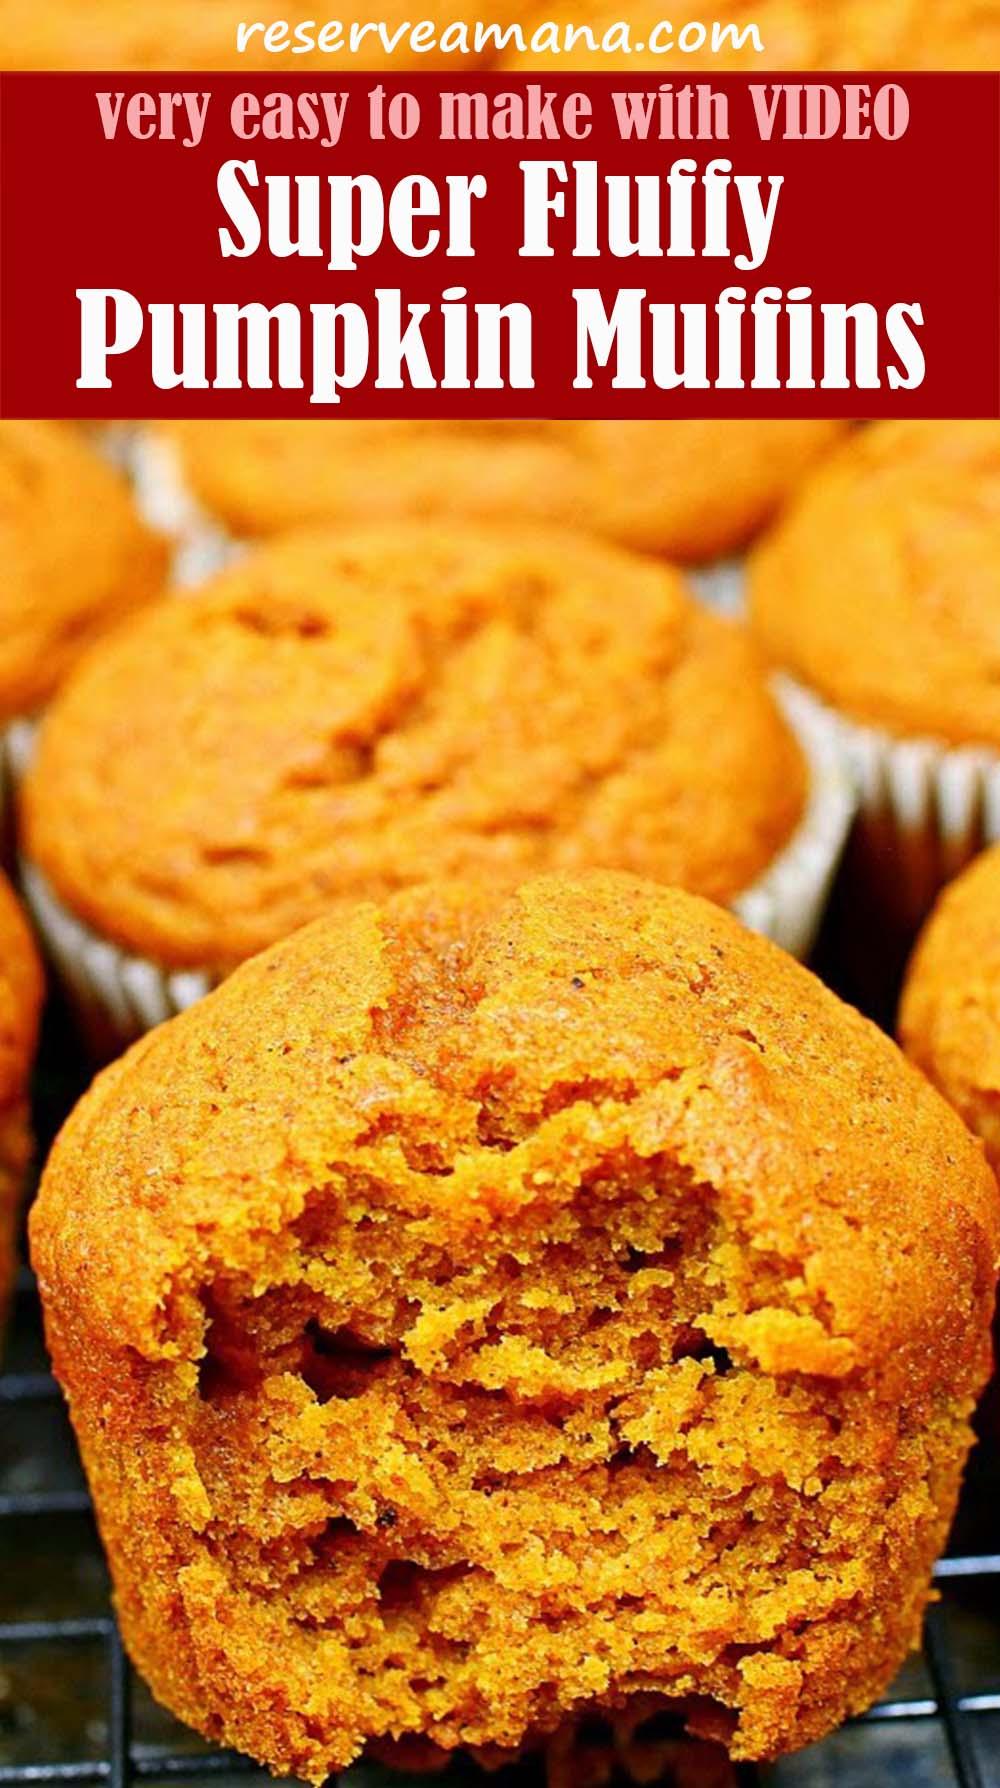 Super Fluffy Pumpkin Muffins Recipe